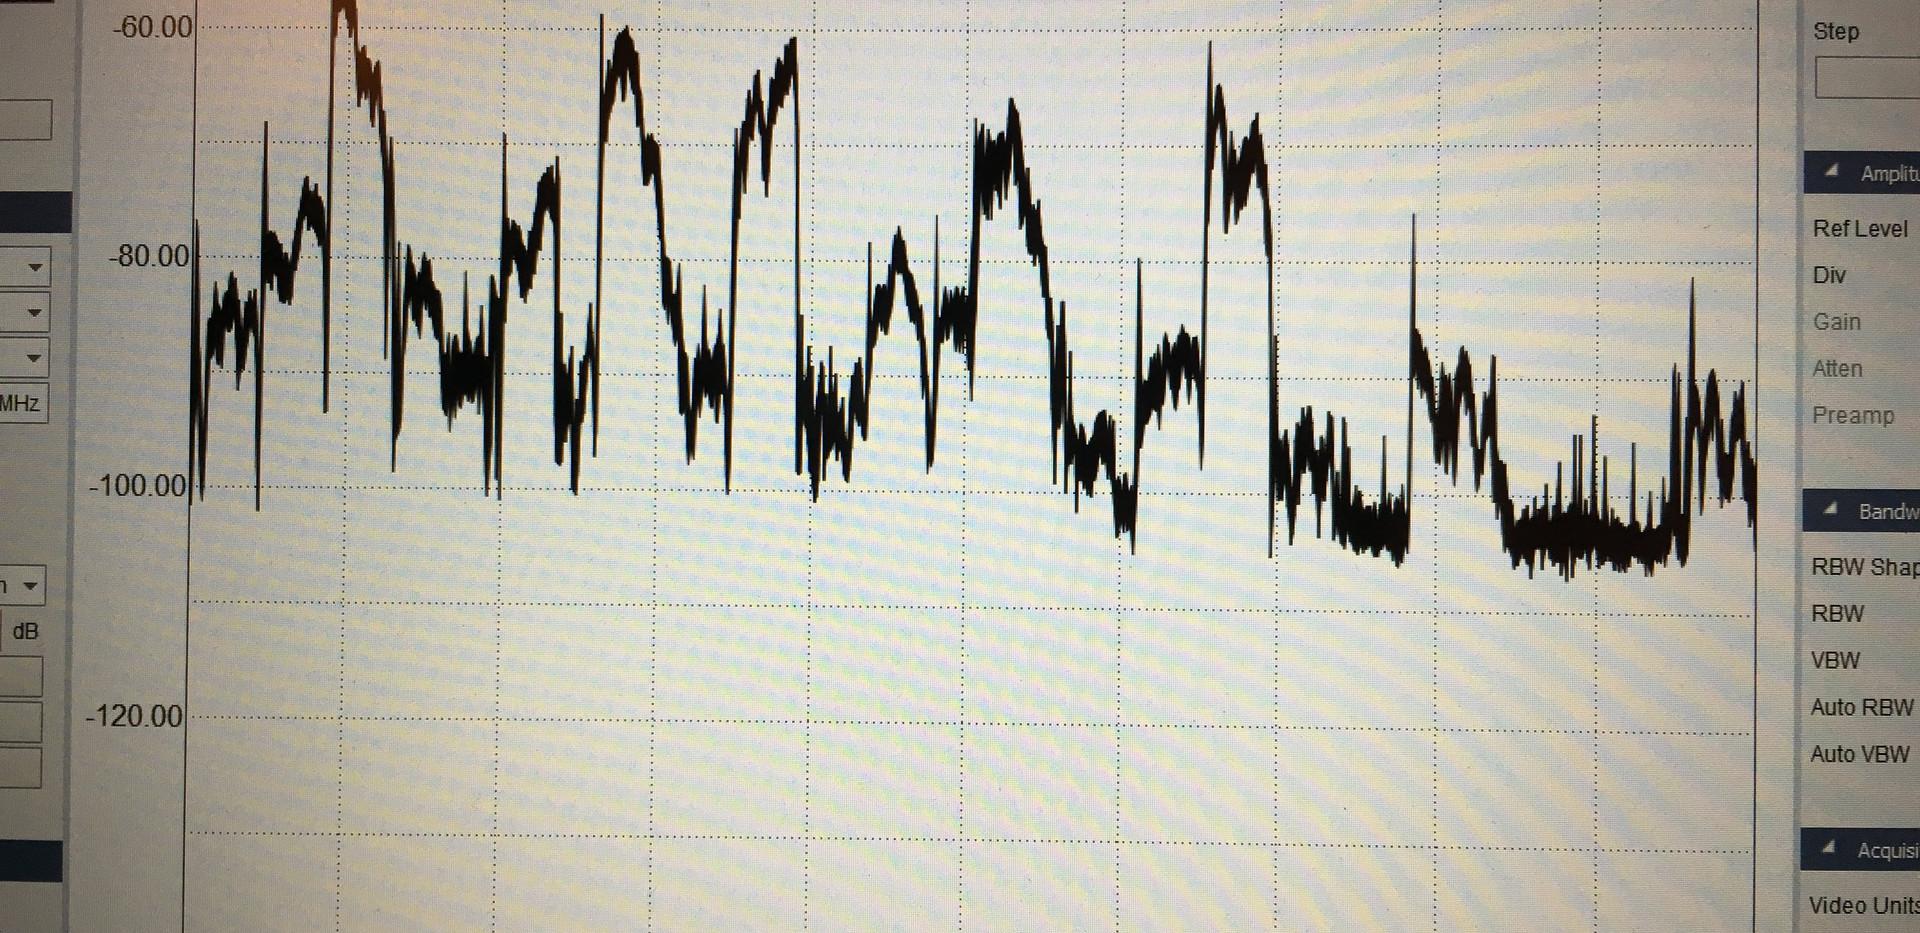 Spike Spectrum Analyzer Software